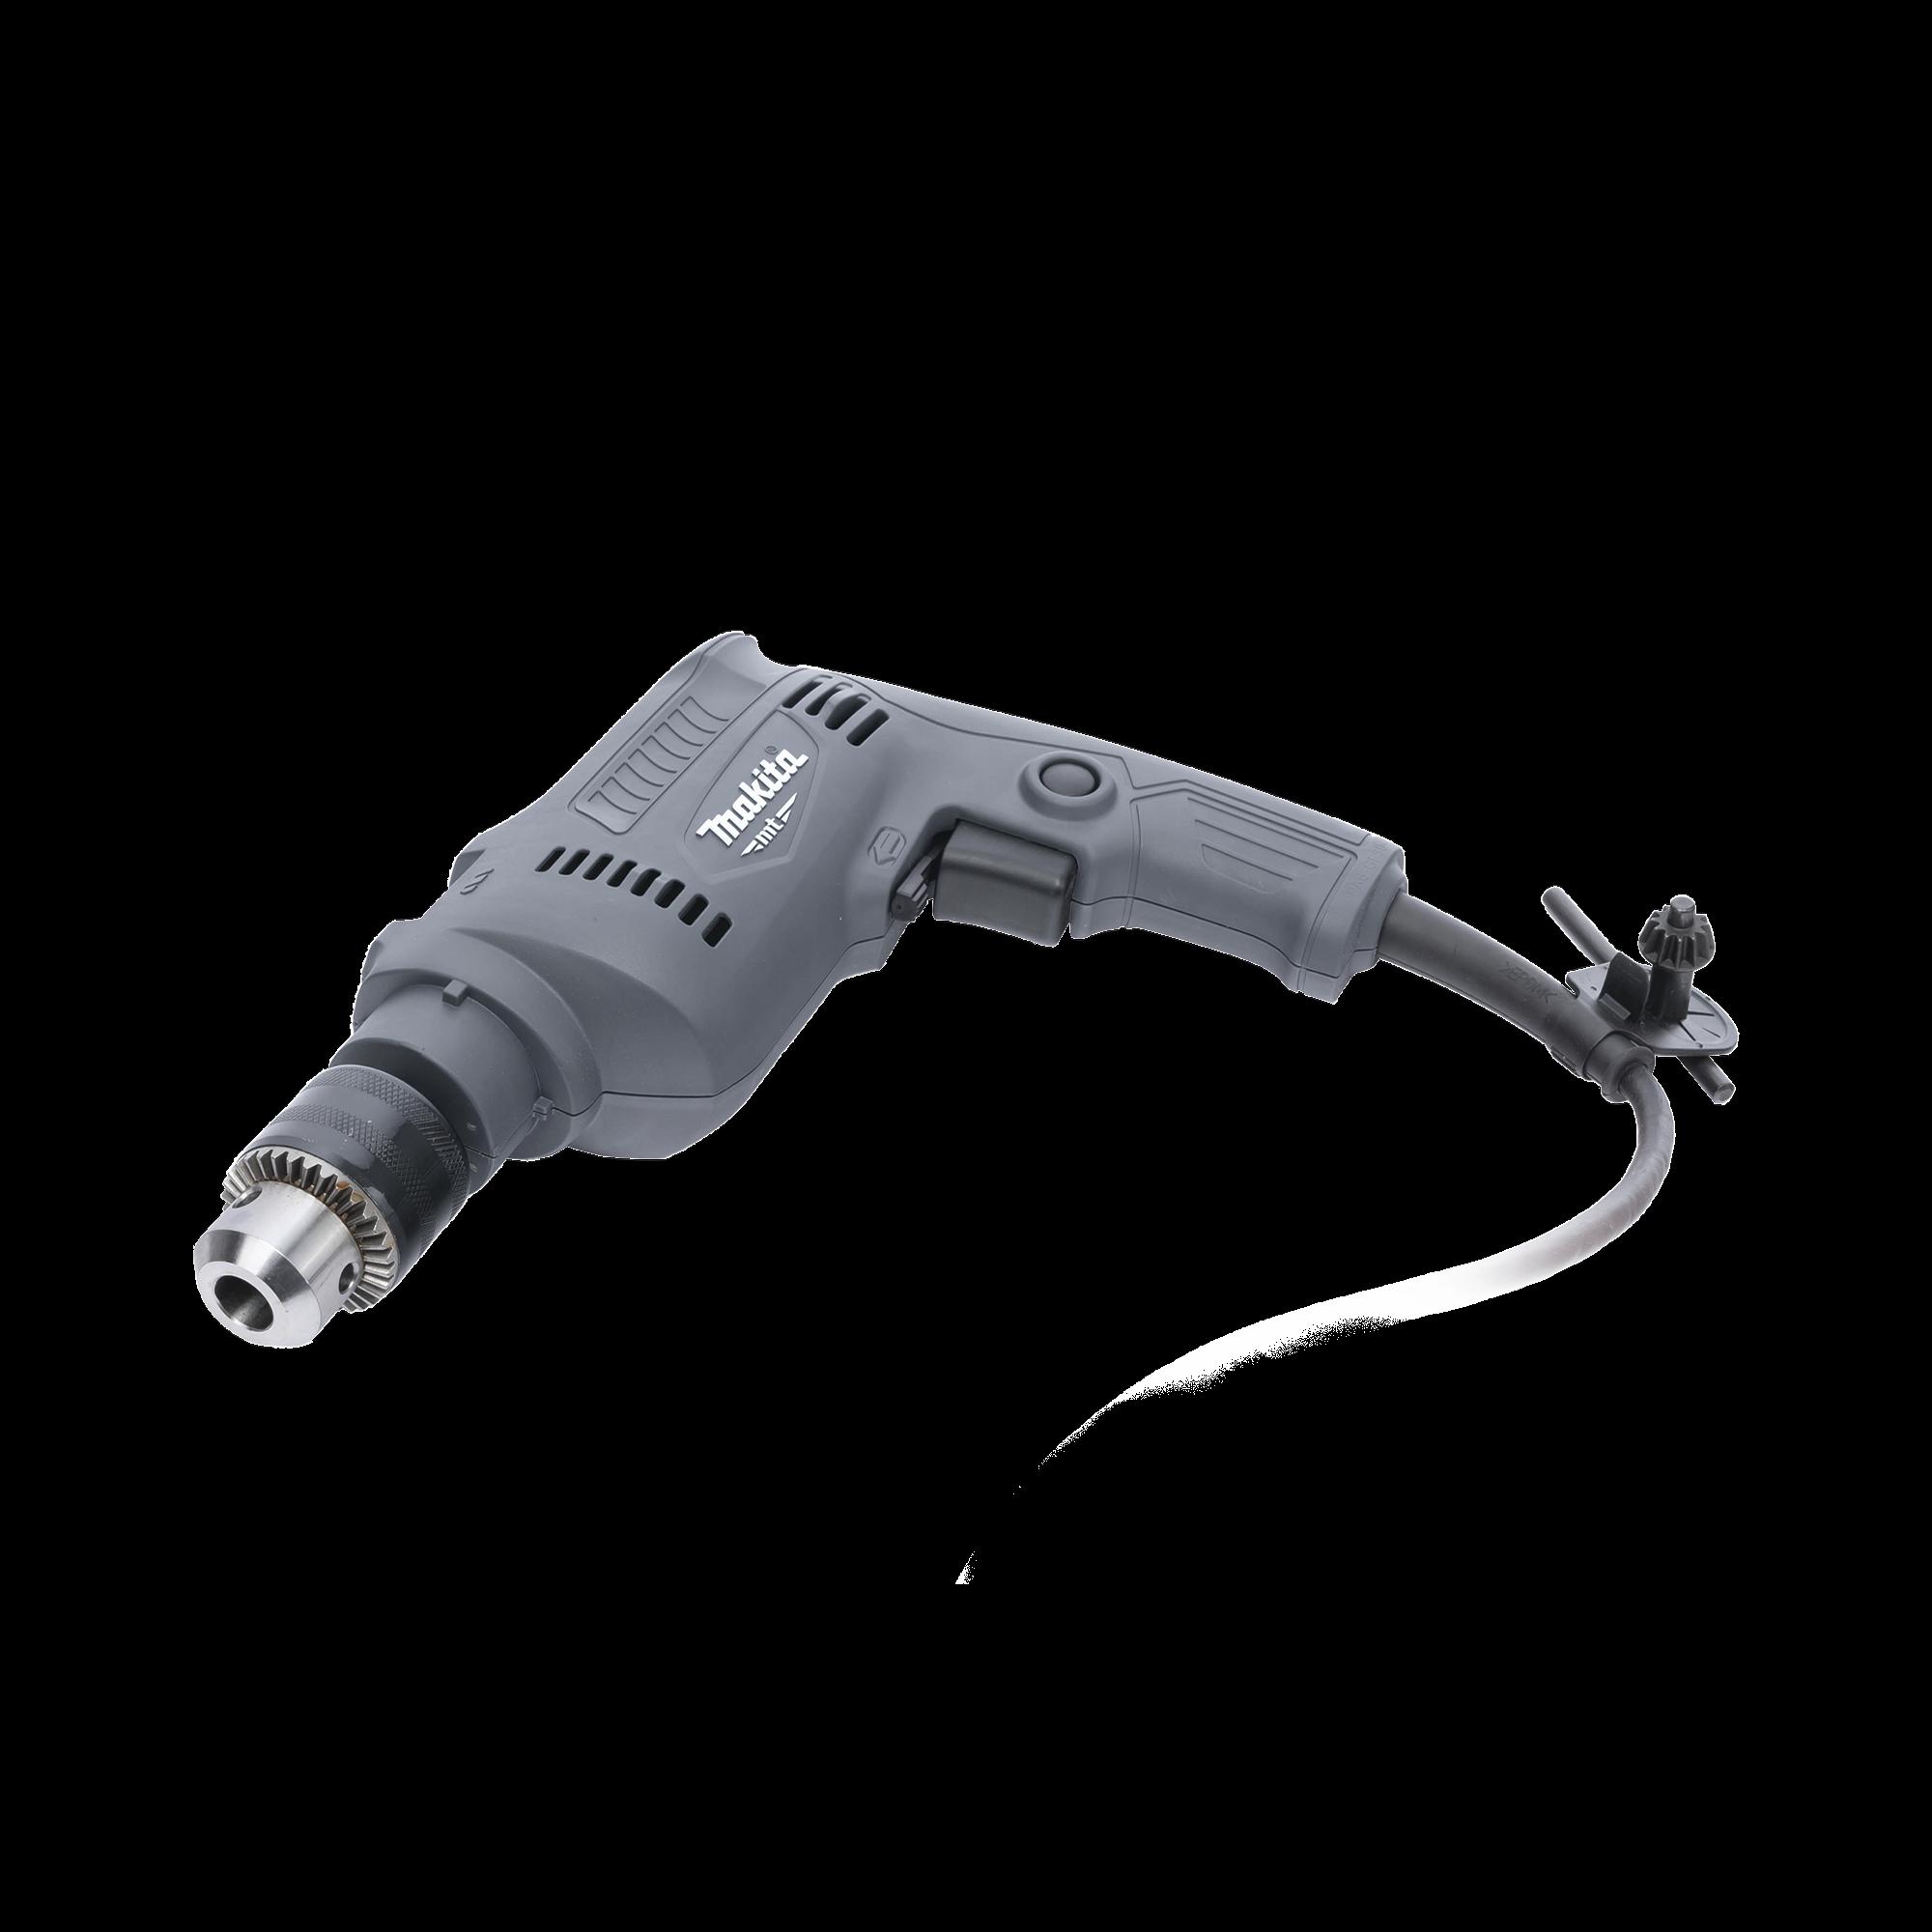 Rotomartillo 5/8 2900 RPM  potencia de entrada 500 Watts 110 Vca, incluye llave de broquero y empuñadora lateral.